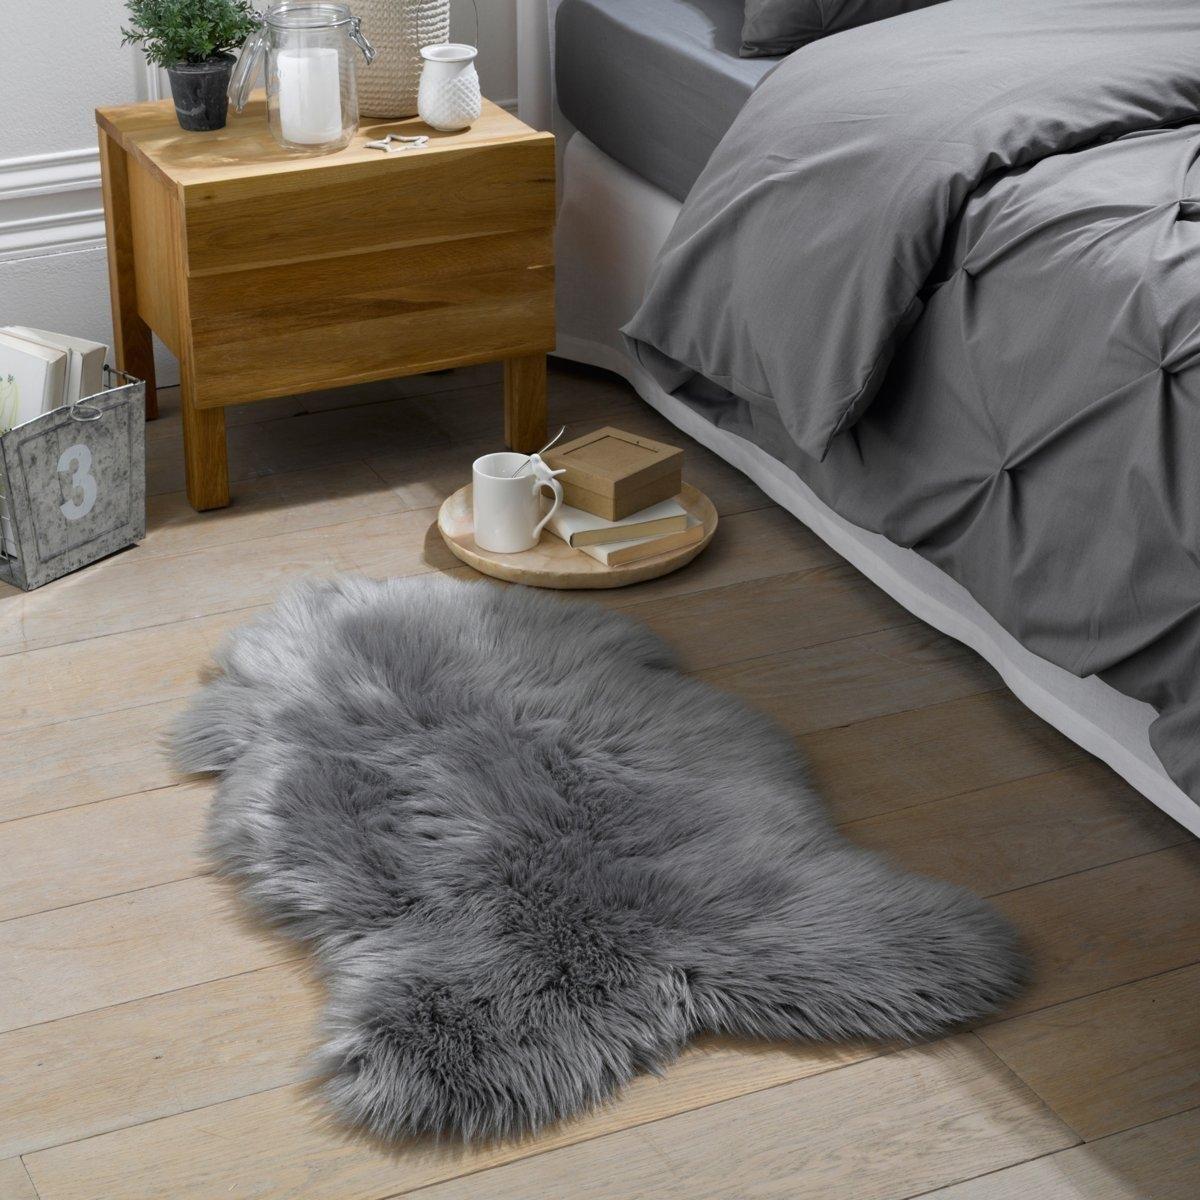 Коврик прикроватный под мутон LivioКоврик прикроватный под мутон Livio . Очень мягкий и удобный коврик, который привнесет стильную нотку в вашу комнату или гостиную . Характеристики прикроватного коврика под мутон Livio :70% акрил, 30% полиэстер, 1200г/м2Толщина ворса : 65 мм.   Найдите ковер Livio на сайте laredoute.ruРазмеры прикроватного коврика под мутон Livio   :55 x 90 см<br><br>Цвет: серый<br>Размер: 55 x 90